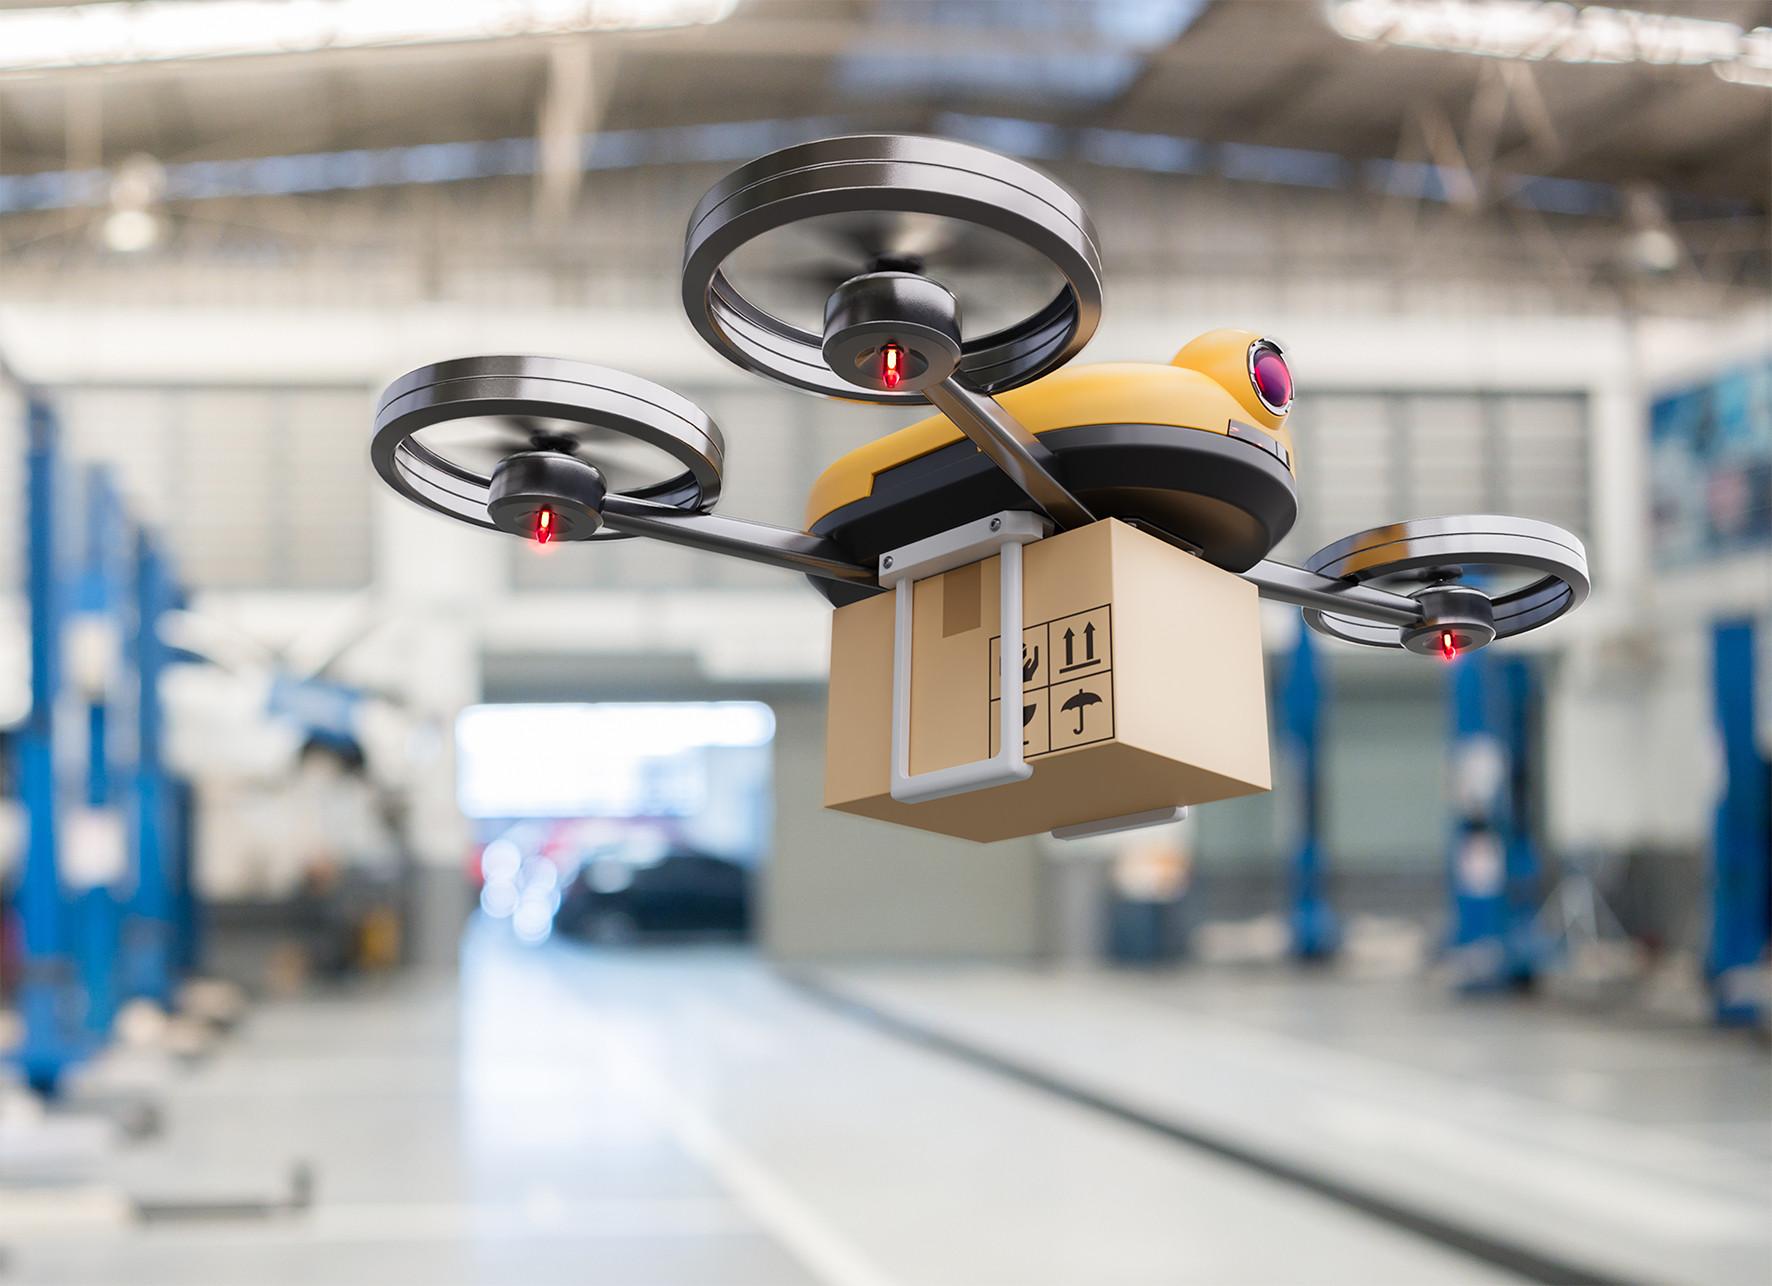 산업용드론(Industrial drone)